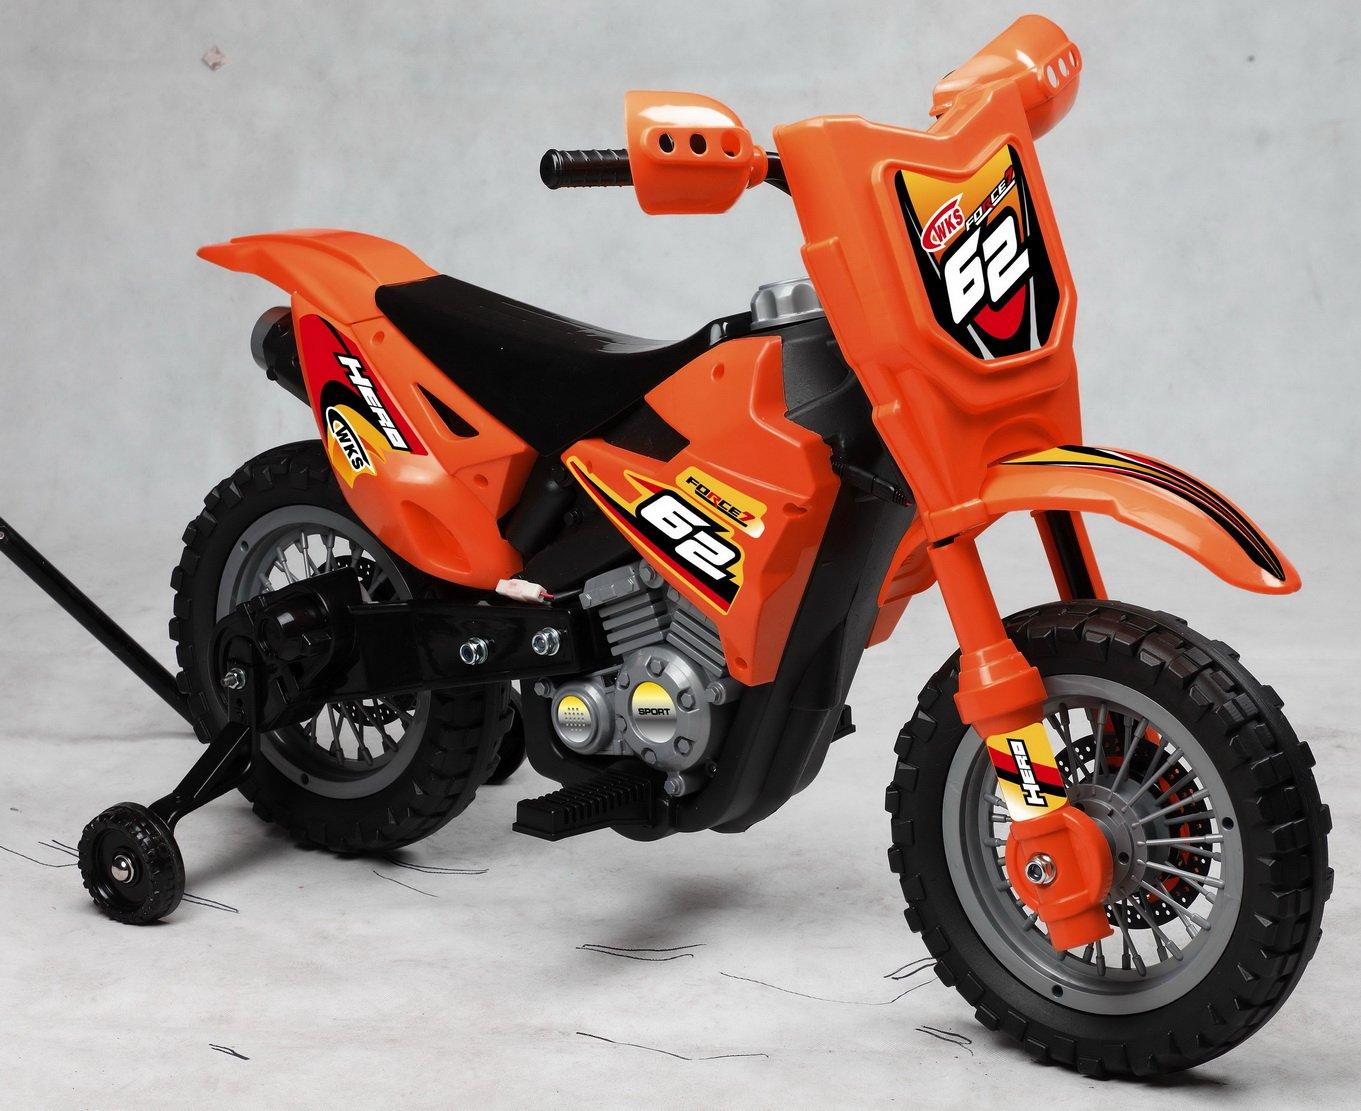 Best Ride On Cars Mini Dirt Bike Orange 6v Ride On